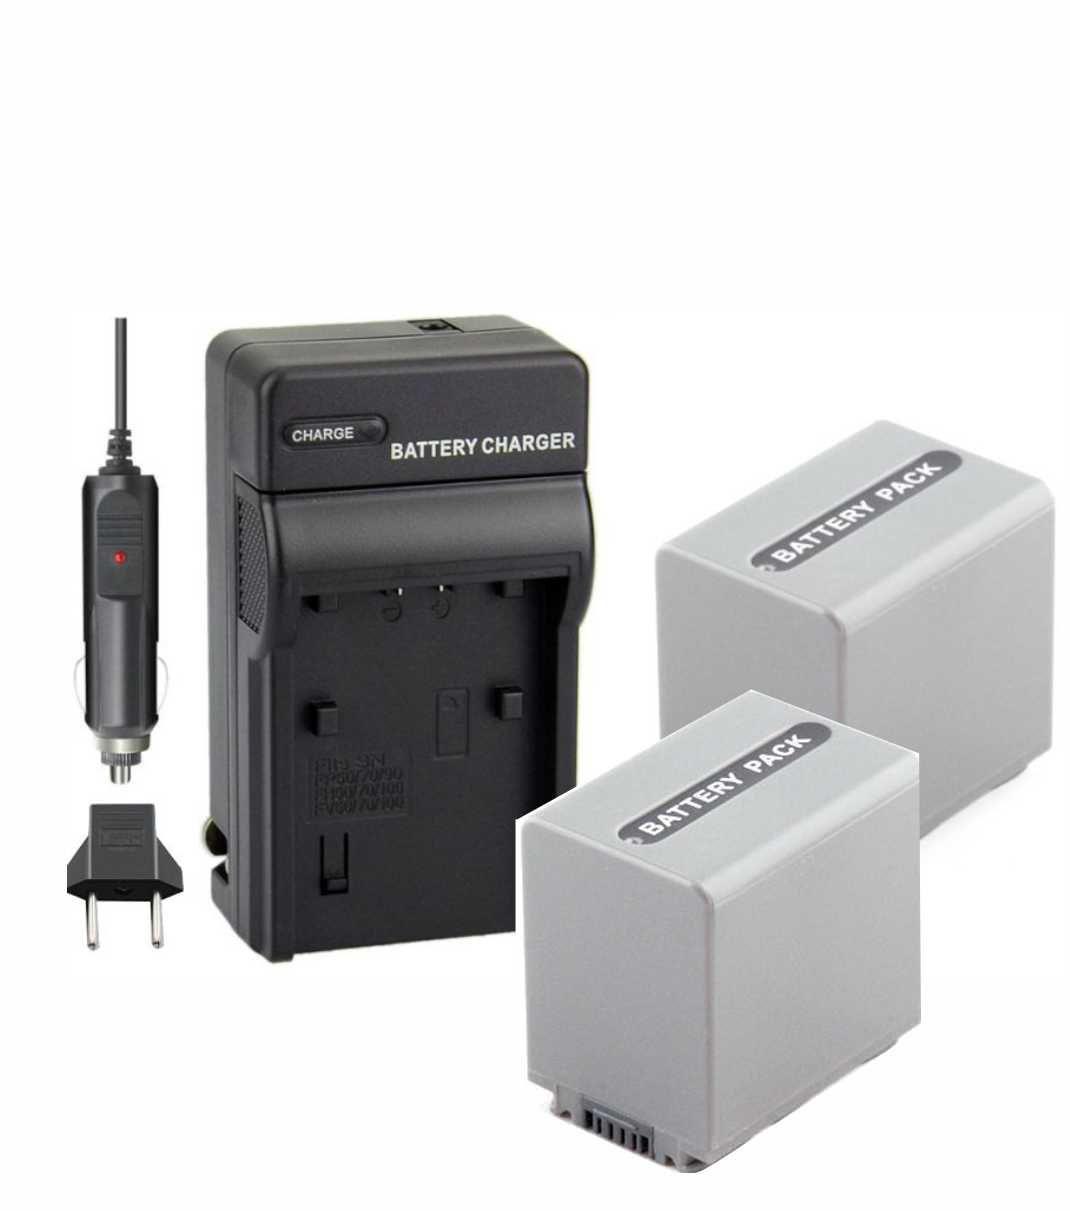 2 Baterias NP-FP90 para câmera digital e filmadora Sony + Carregador